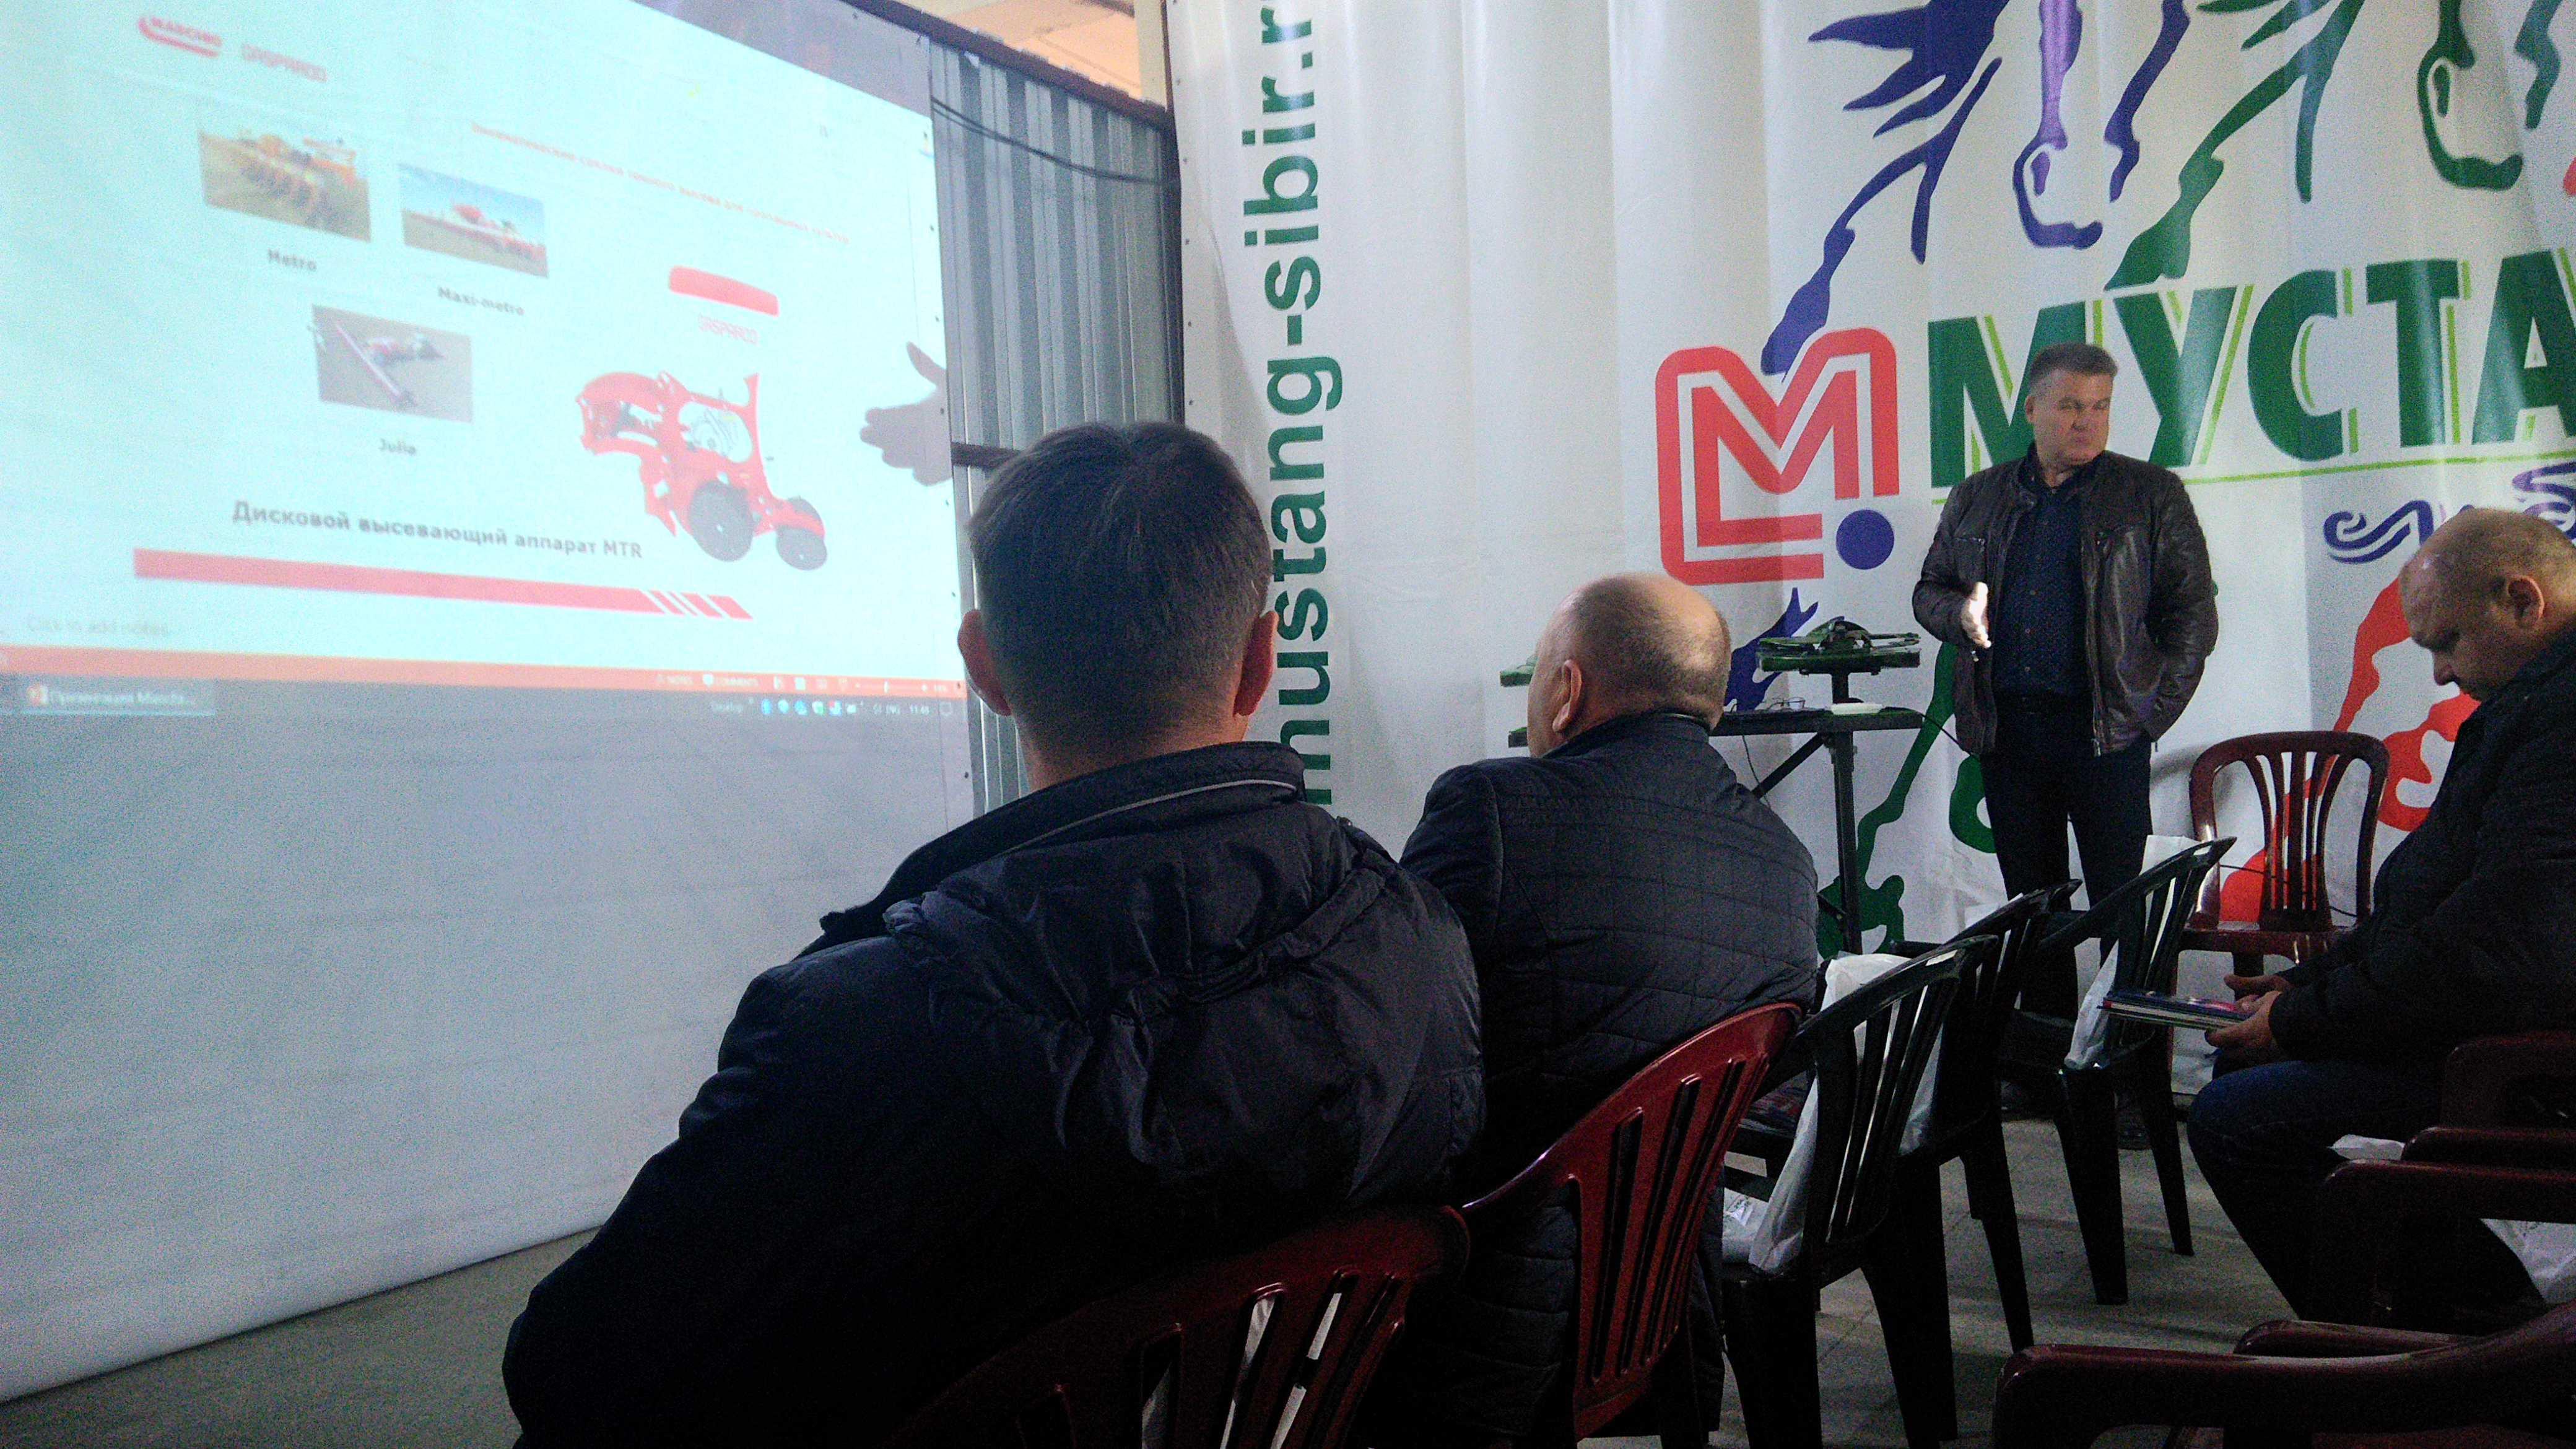 Семинар по сельхозтехнике Maschio Gaspardo и Samasz